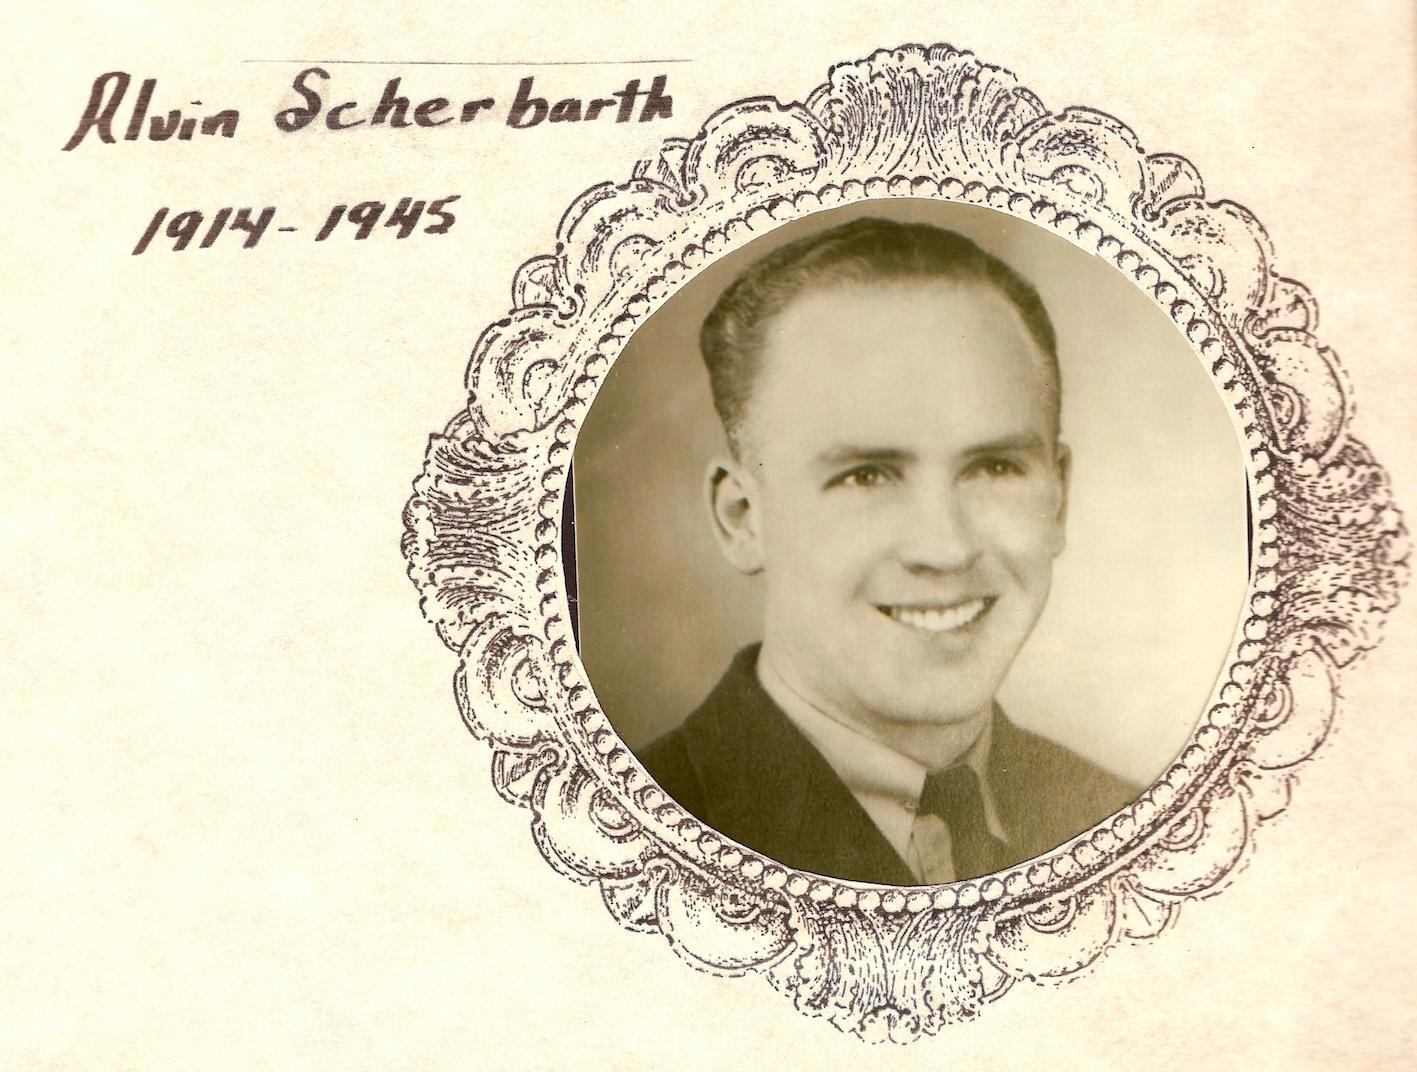 Photo of Alvin Scherbarth